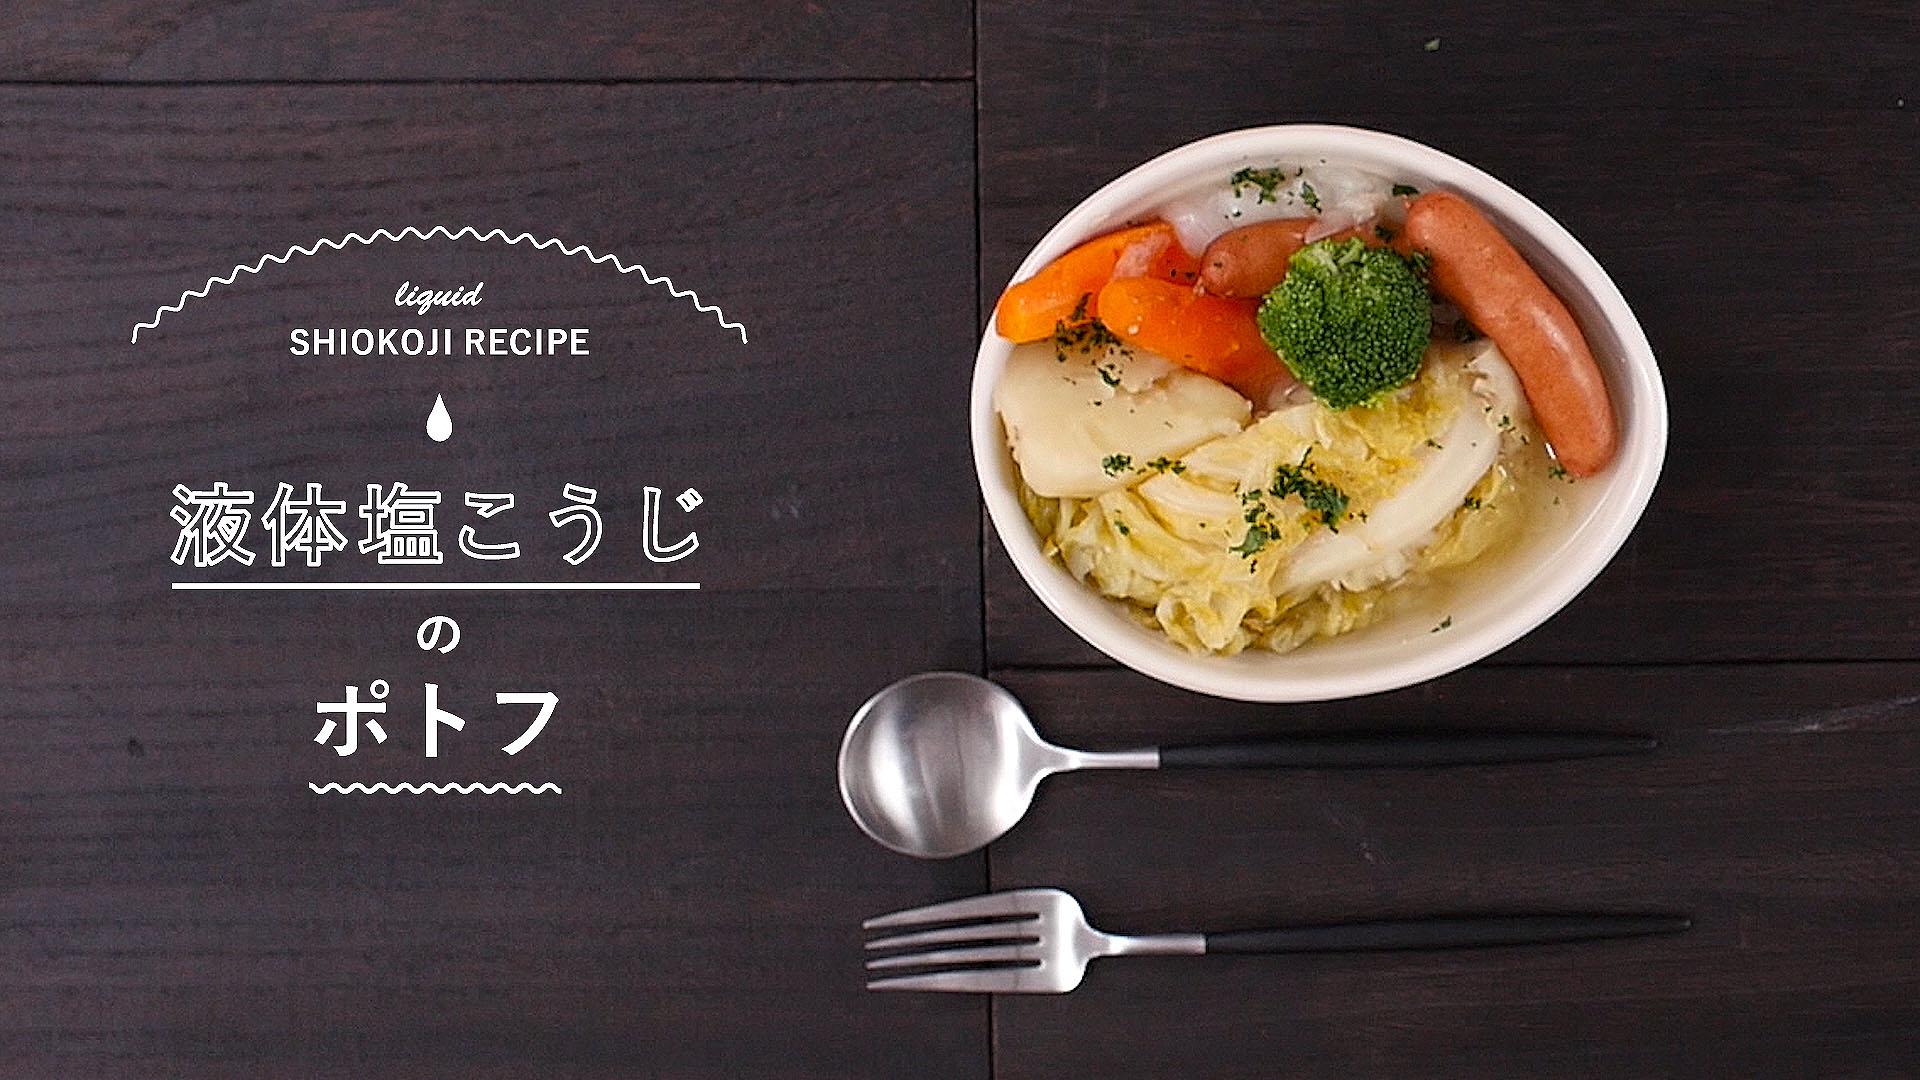 【液体塩こうじレシピ】ポトフ 加えて野菜をもっと美味しく食べよう!